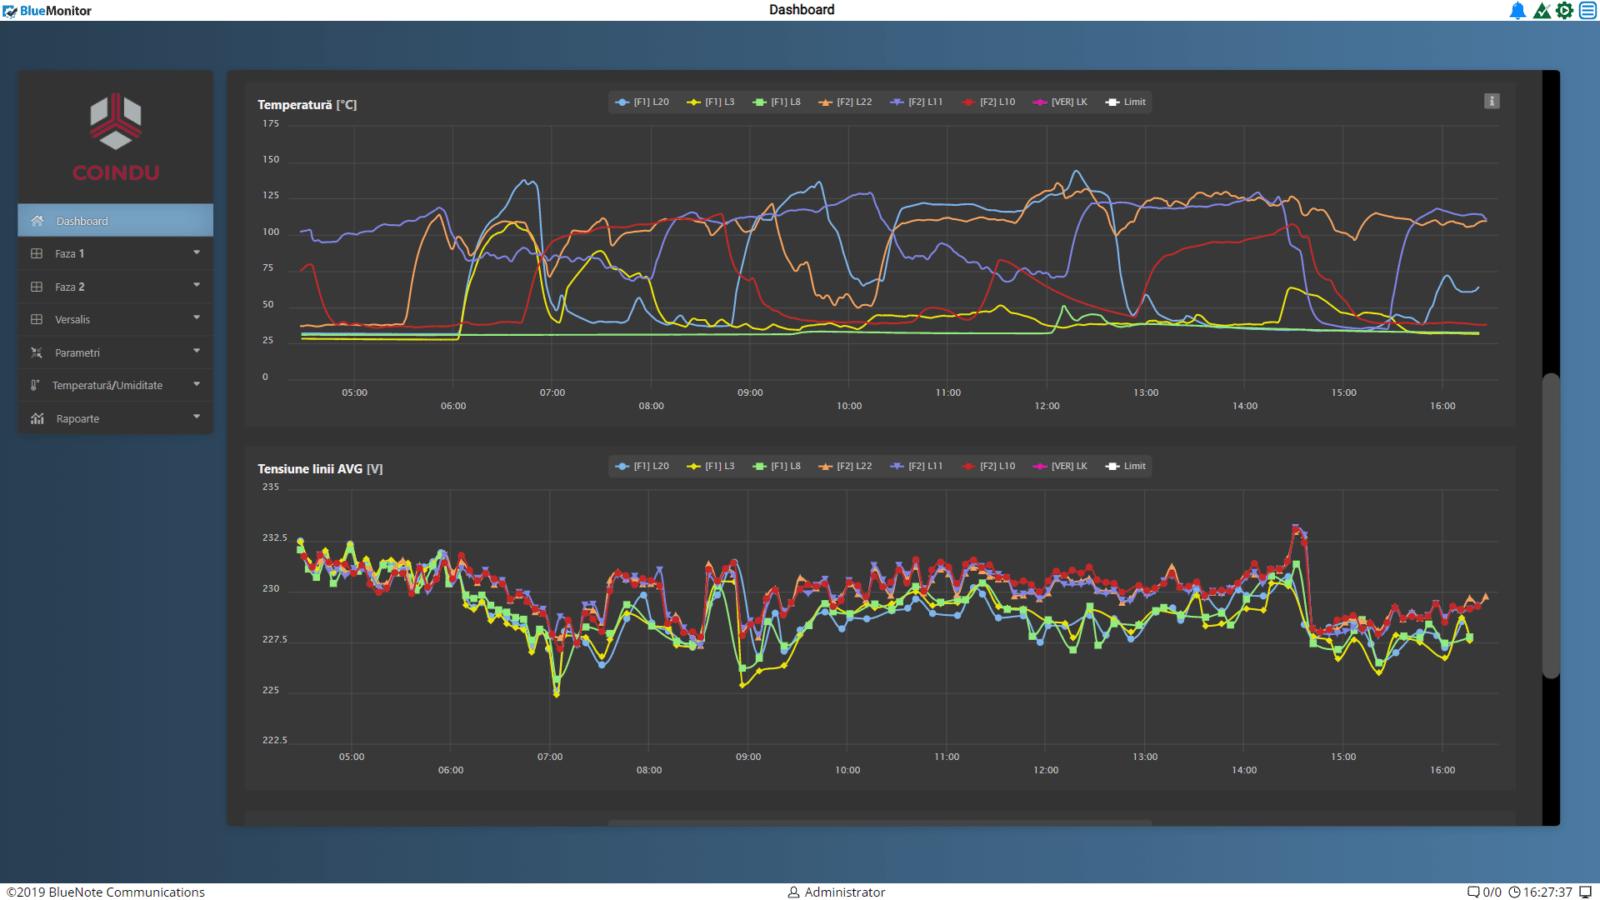 Monitorizare vibratii si temperatura Coindu